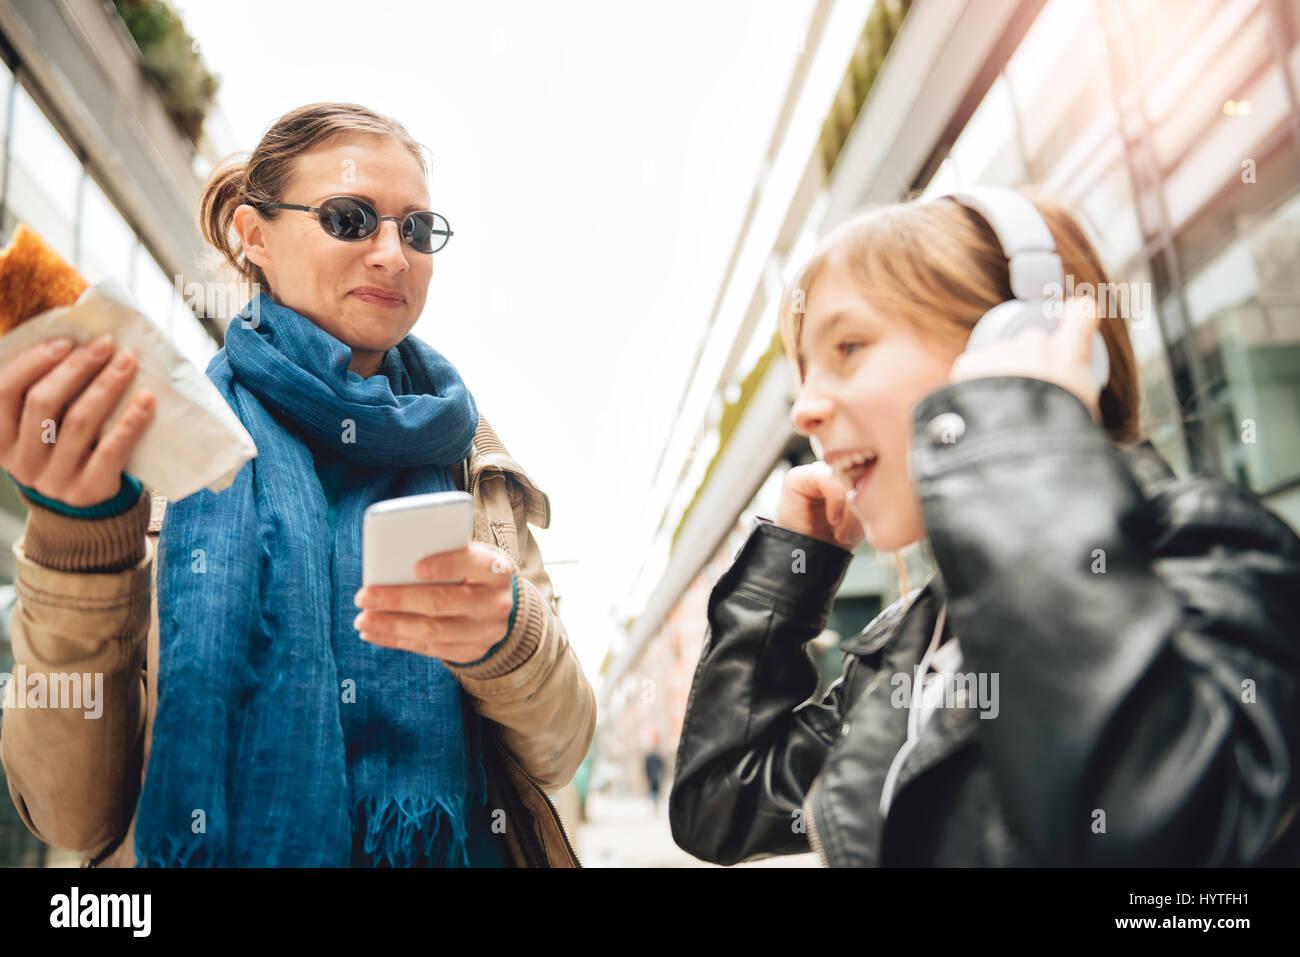 L'écoute de la musique sur le casque fille avec mère debout à côté et manger Photo Stock